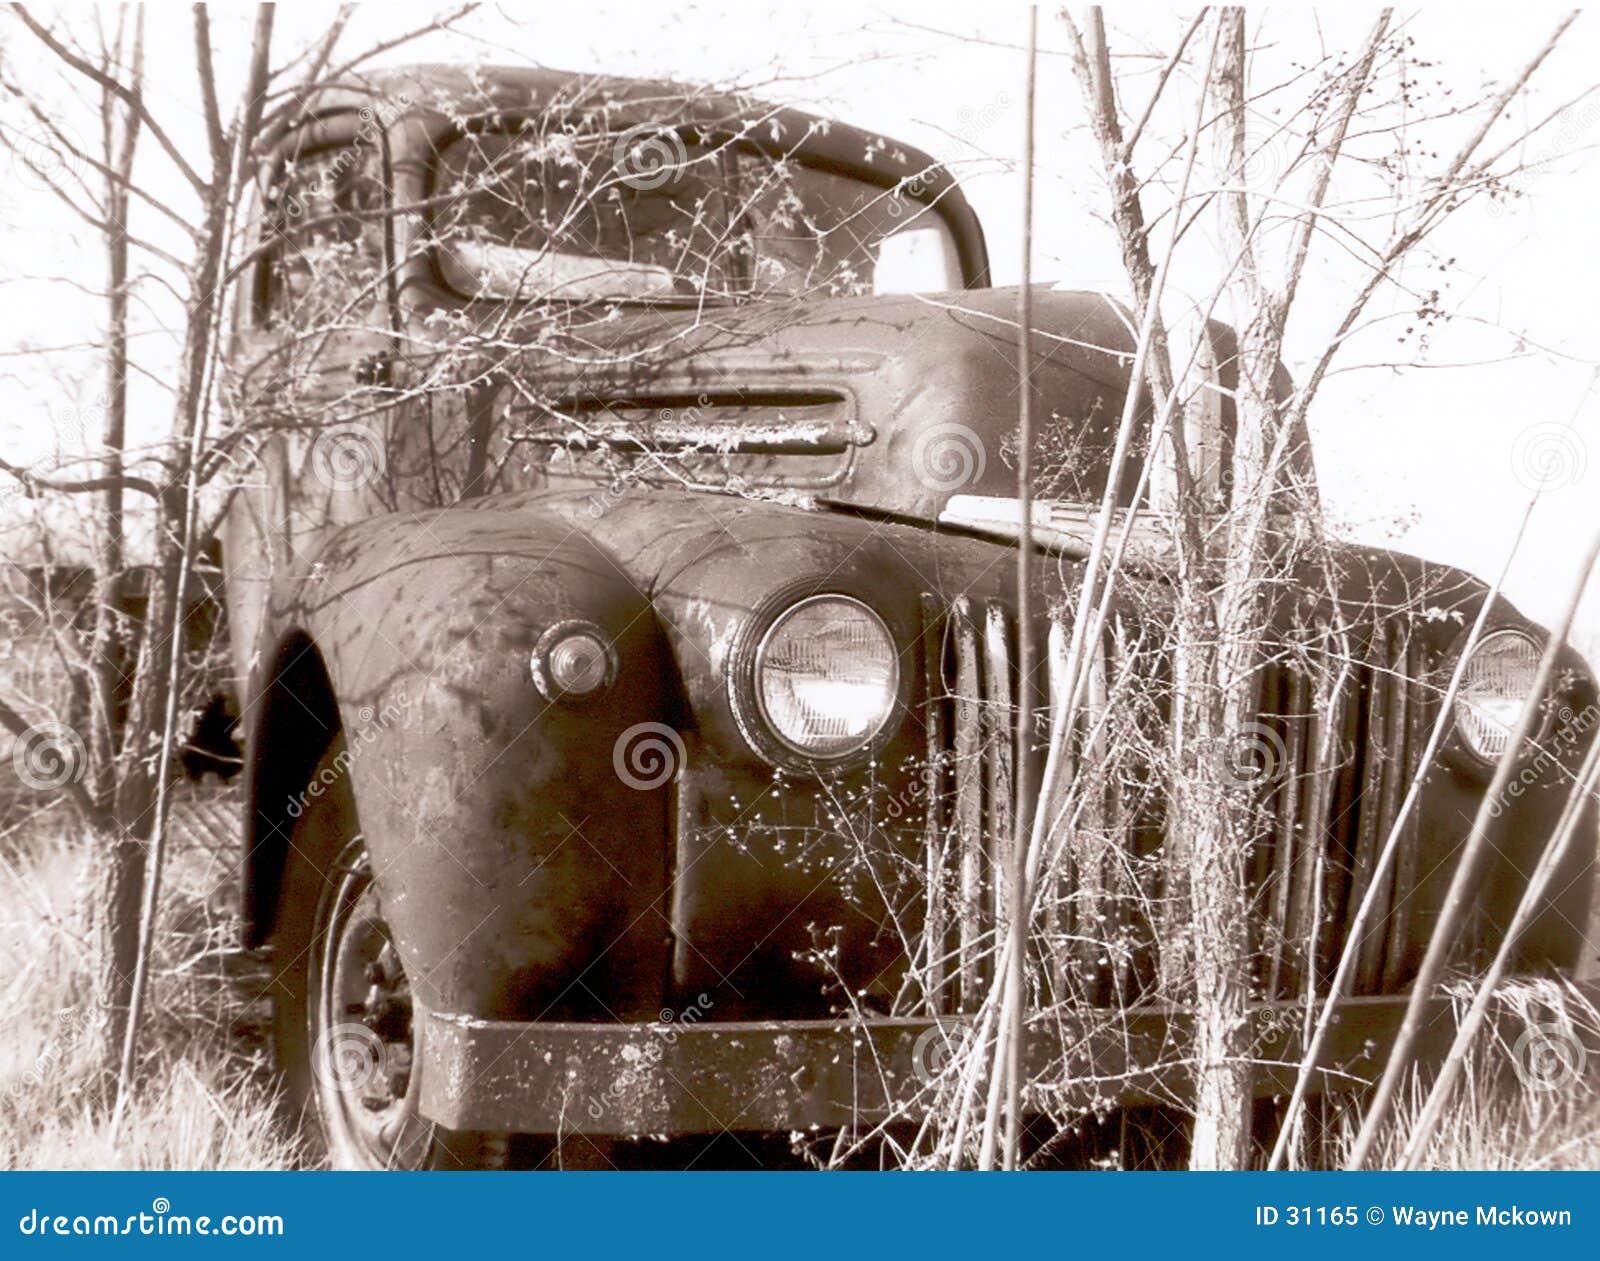 Download Furt 47 stockbild. Bild von fahrzeug, weiß, transport, ruiniert - 31165